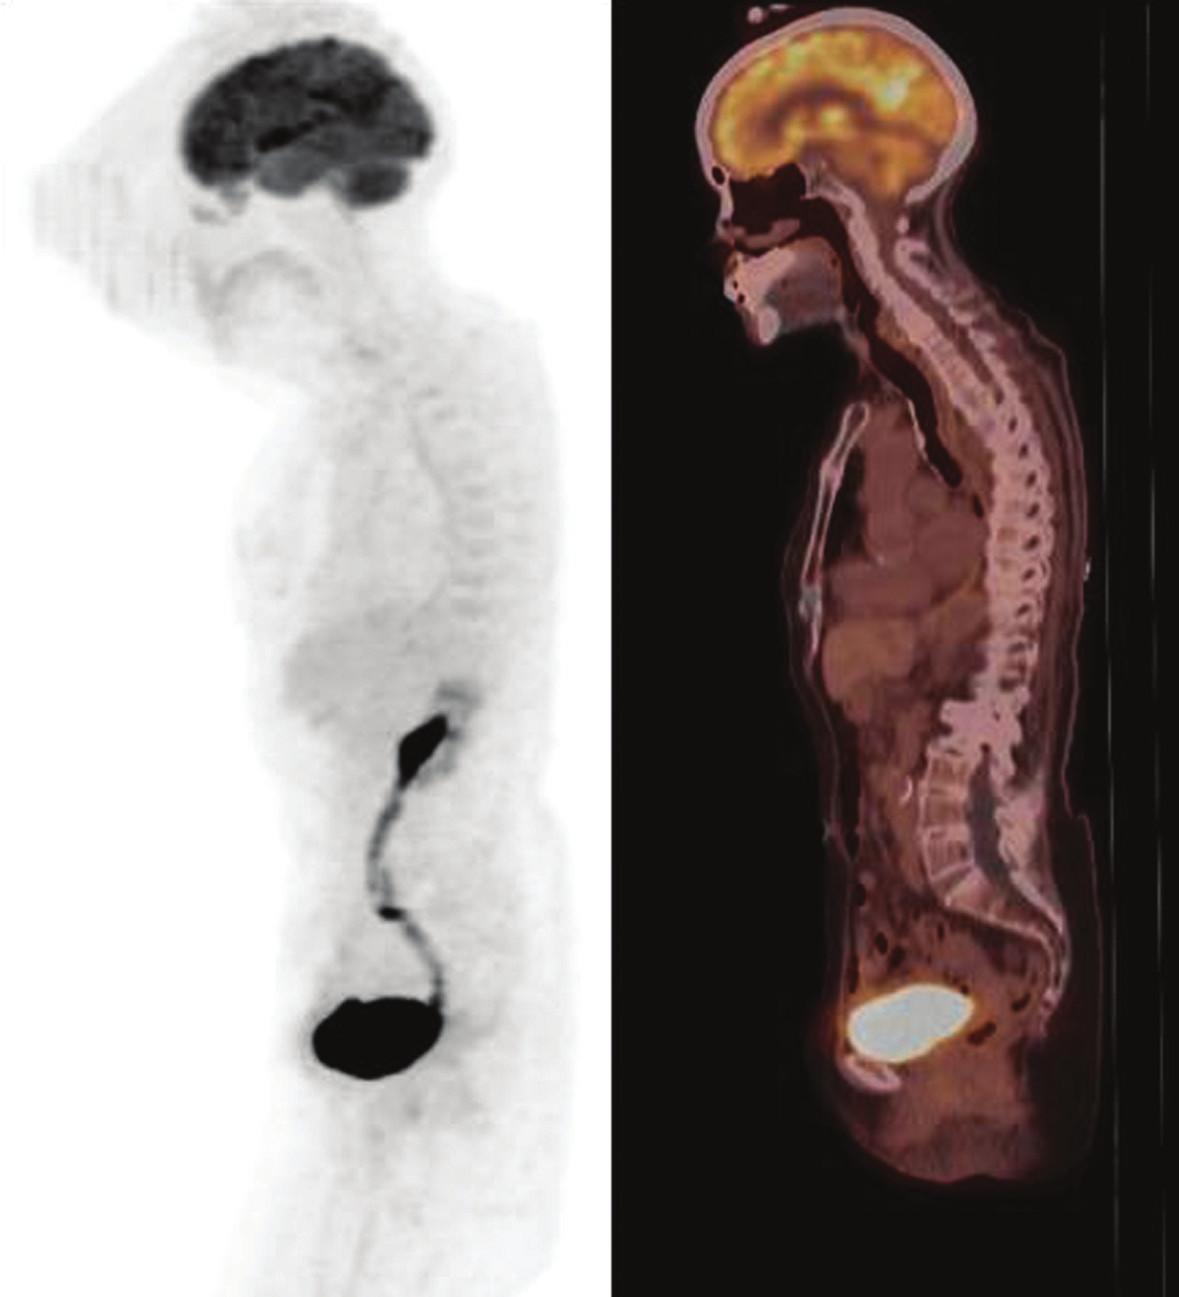 Obr. 2b. PET/CT s FDG, MIP, pohľad zľava. Kontrolné vyšetrenie po týždni liečby imatinib mesylátom (16. 11. 2009). Obraz kompletnej metabolickej odpovede na liečbu (SUVmax 3,5 (-62 %).